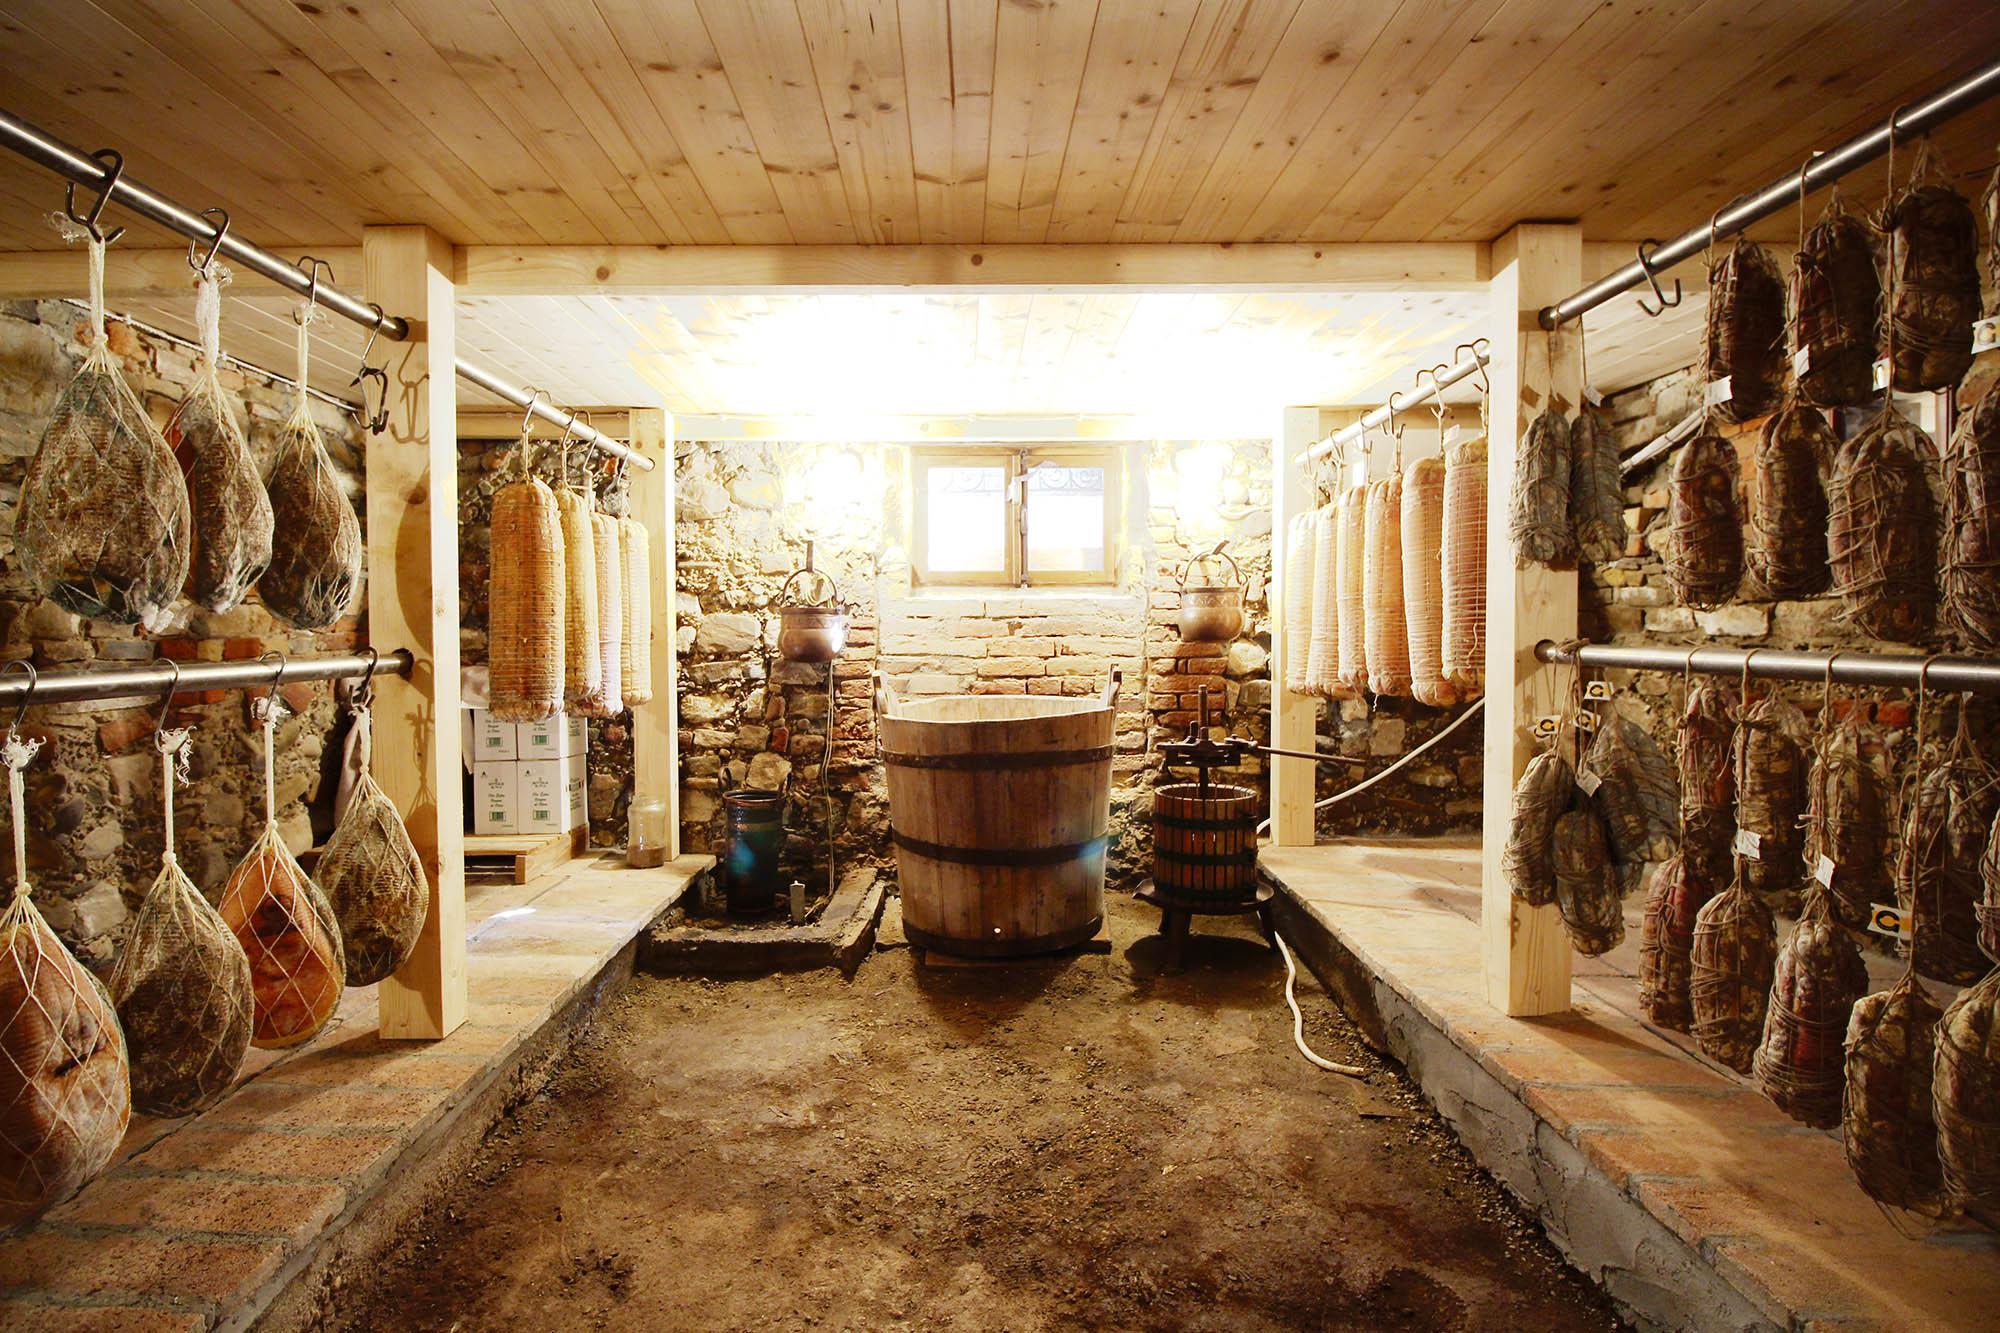 La cucina tipica antica trattoria giovanelli for Piattaia antica